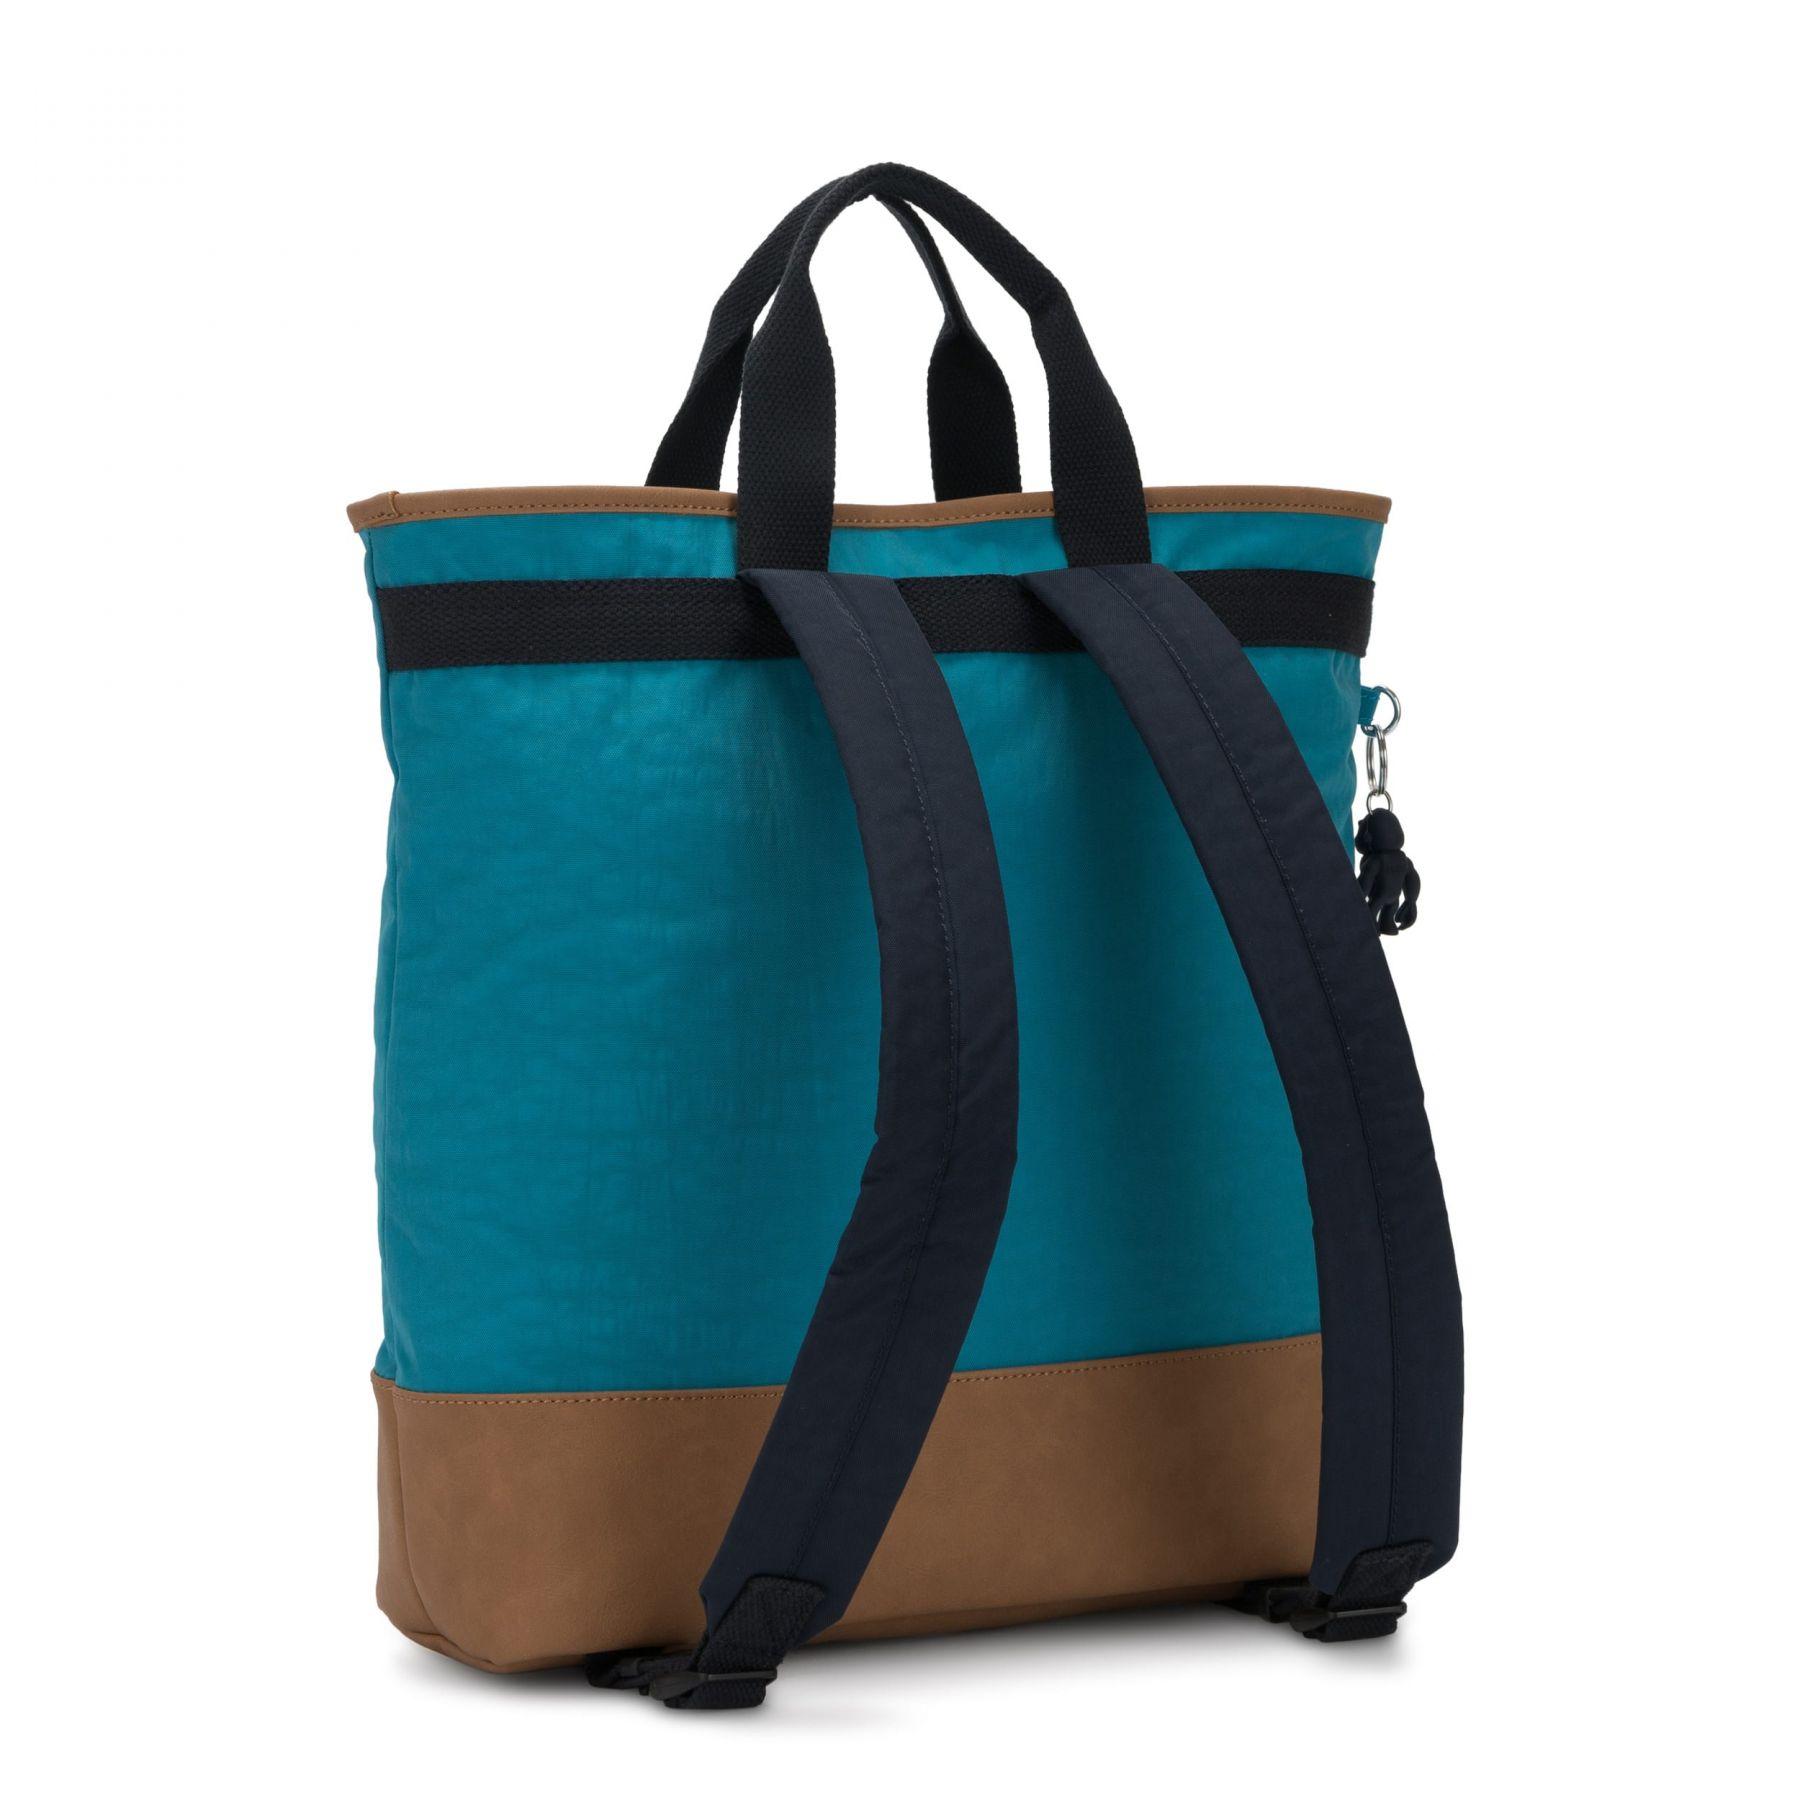 SIA SCHOOL BAGS by Kipling